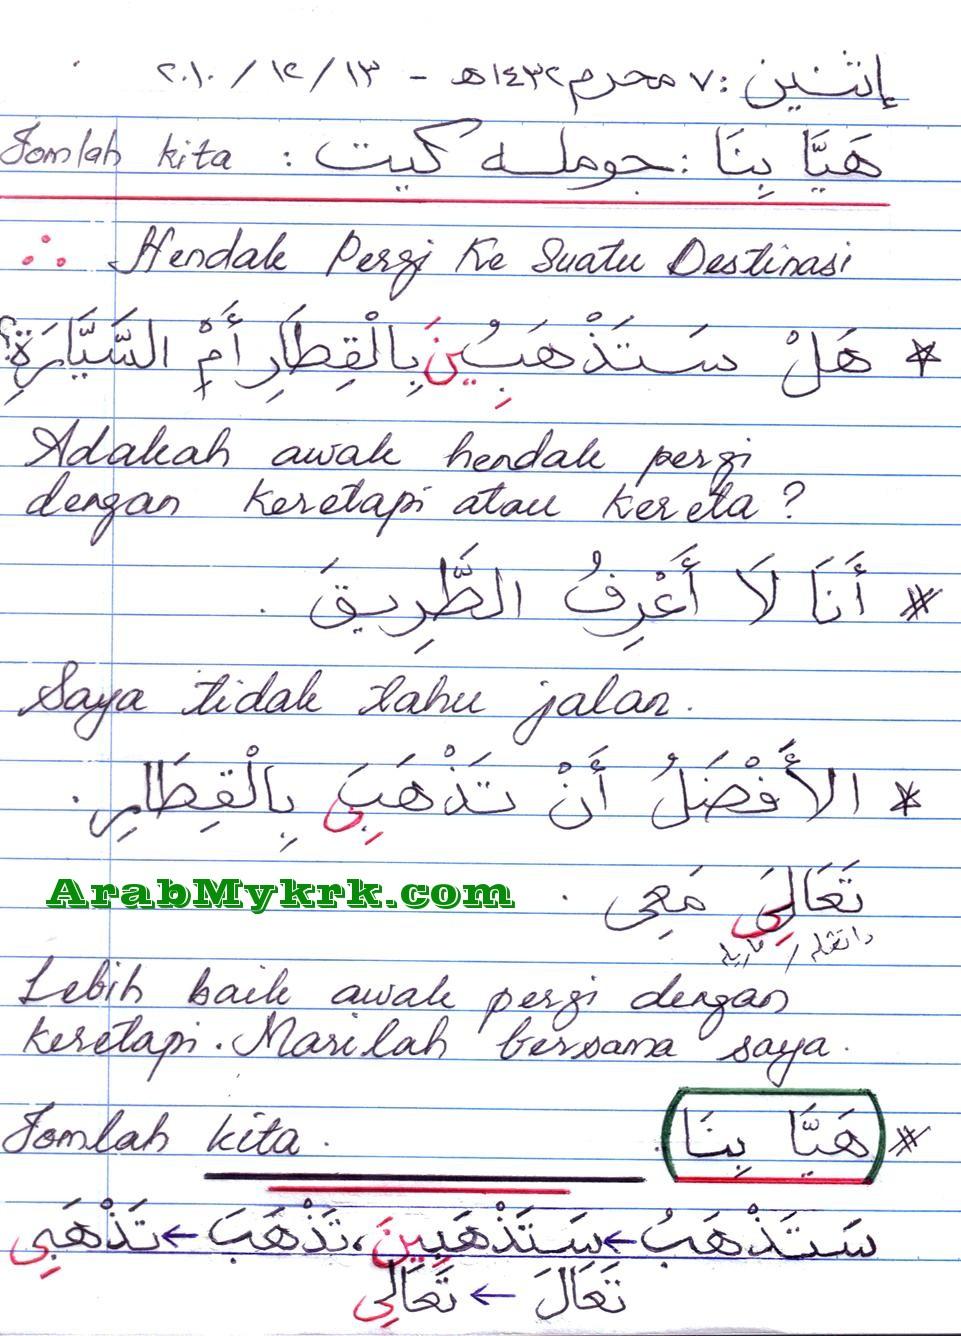 contoh karangan bahasa arab Contoh karangan bahasa arab pt3 pentaksiran tingkatan 3, tingkatan 2,  tingkatan 1 boleh anda semak seperti yang dikongsikan di sini ramai dah  berjaya.